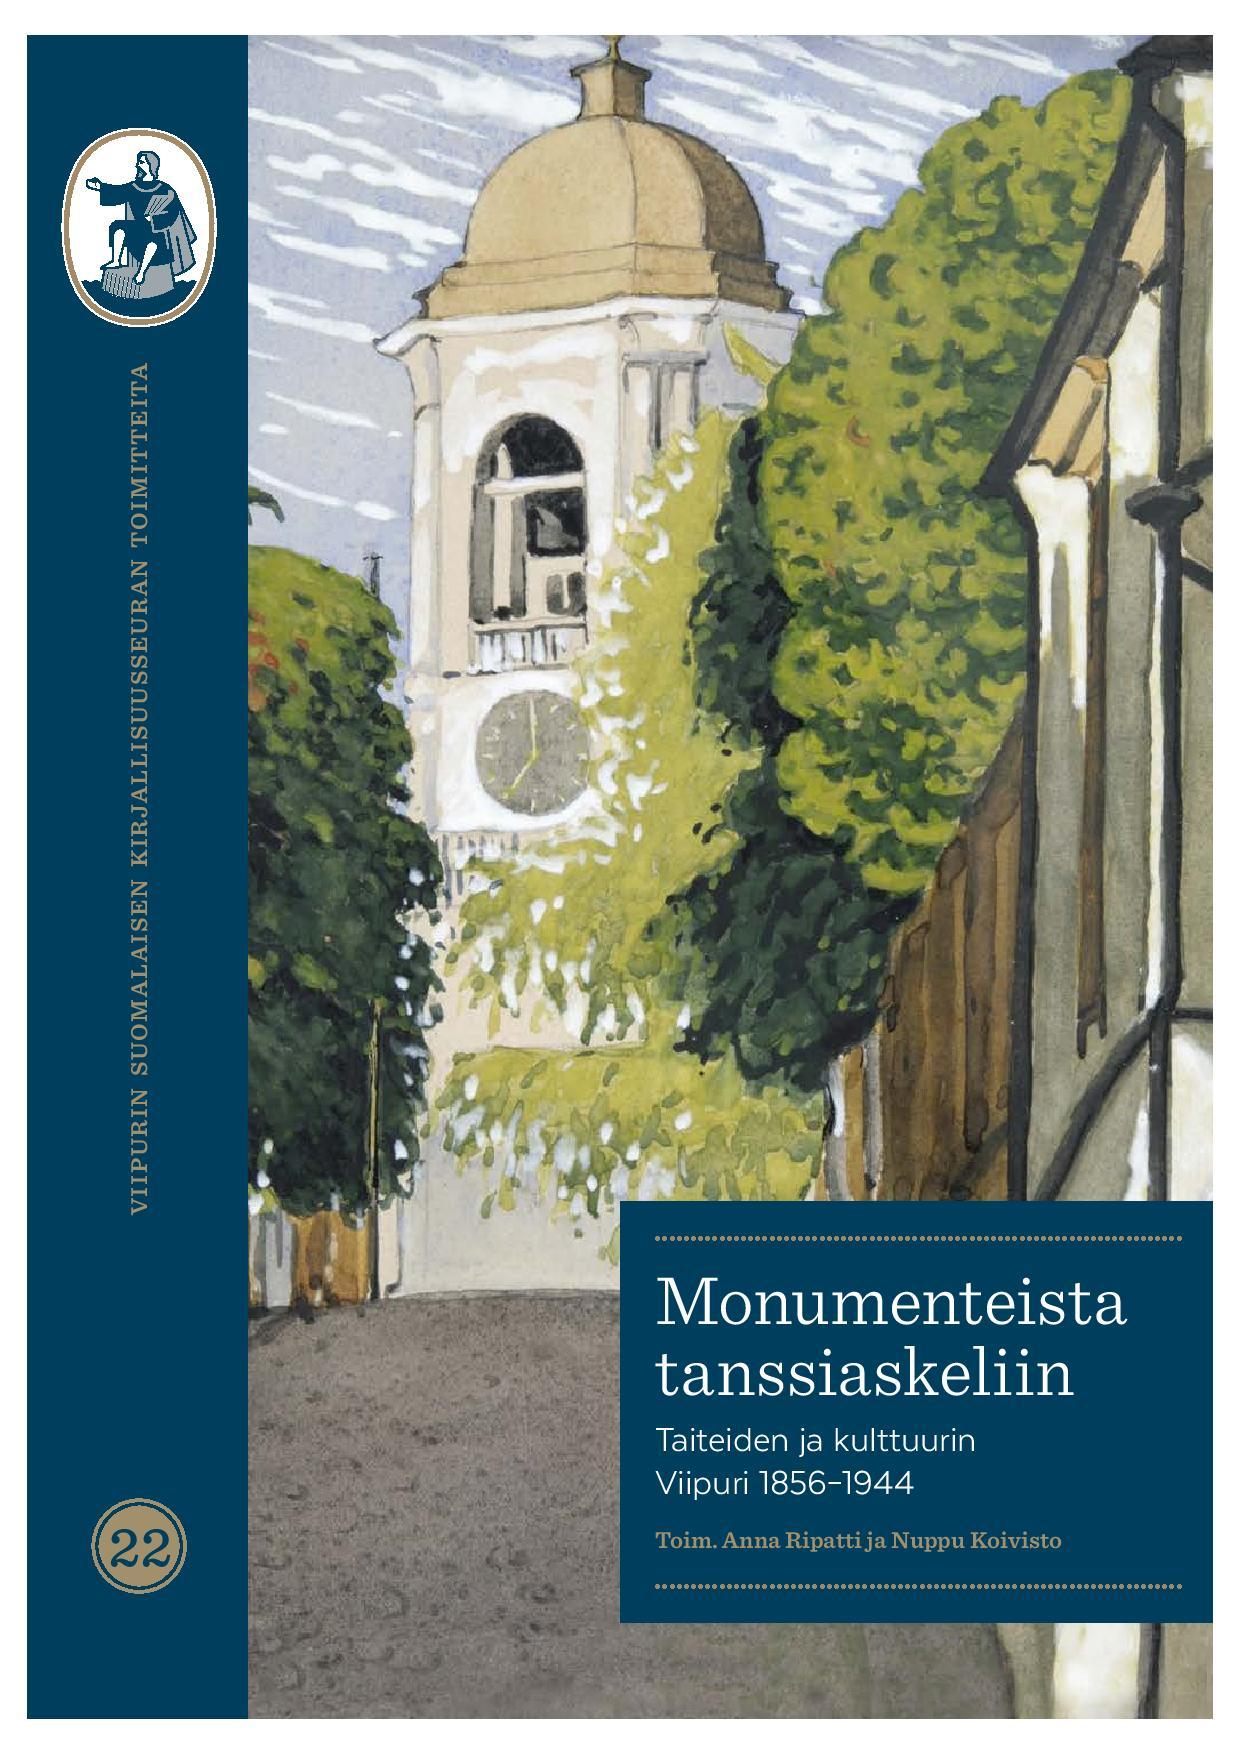 Näytä Nro 22 (2020): Viipurin Suomalaisen Kirjallisuusseuran Toimitteita 22: Taiteiden ja kulttuurin Viipuri 1856–1944